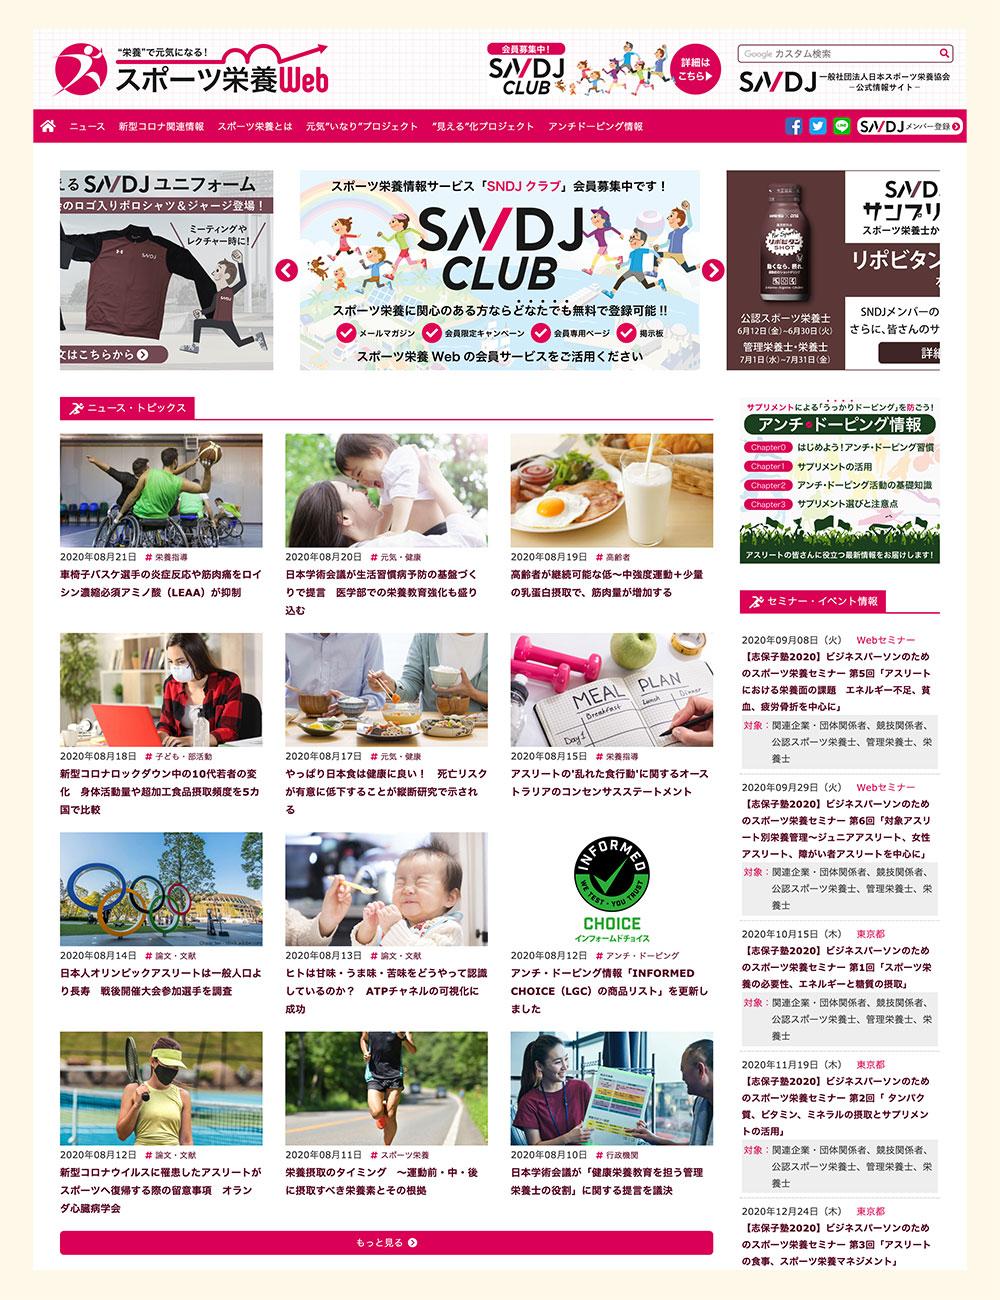 SNDJ公式情報サイト「スポーツ栄養Web」